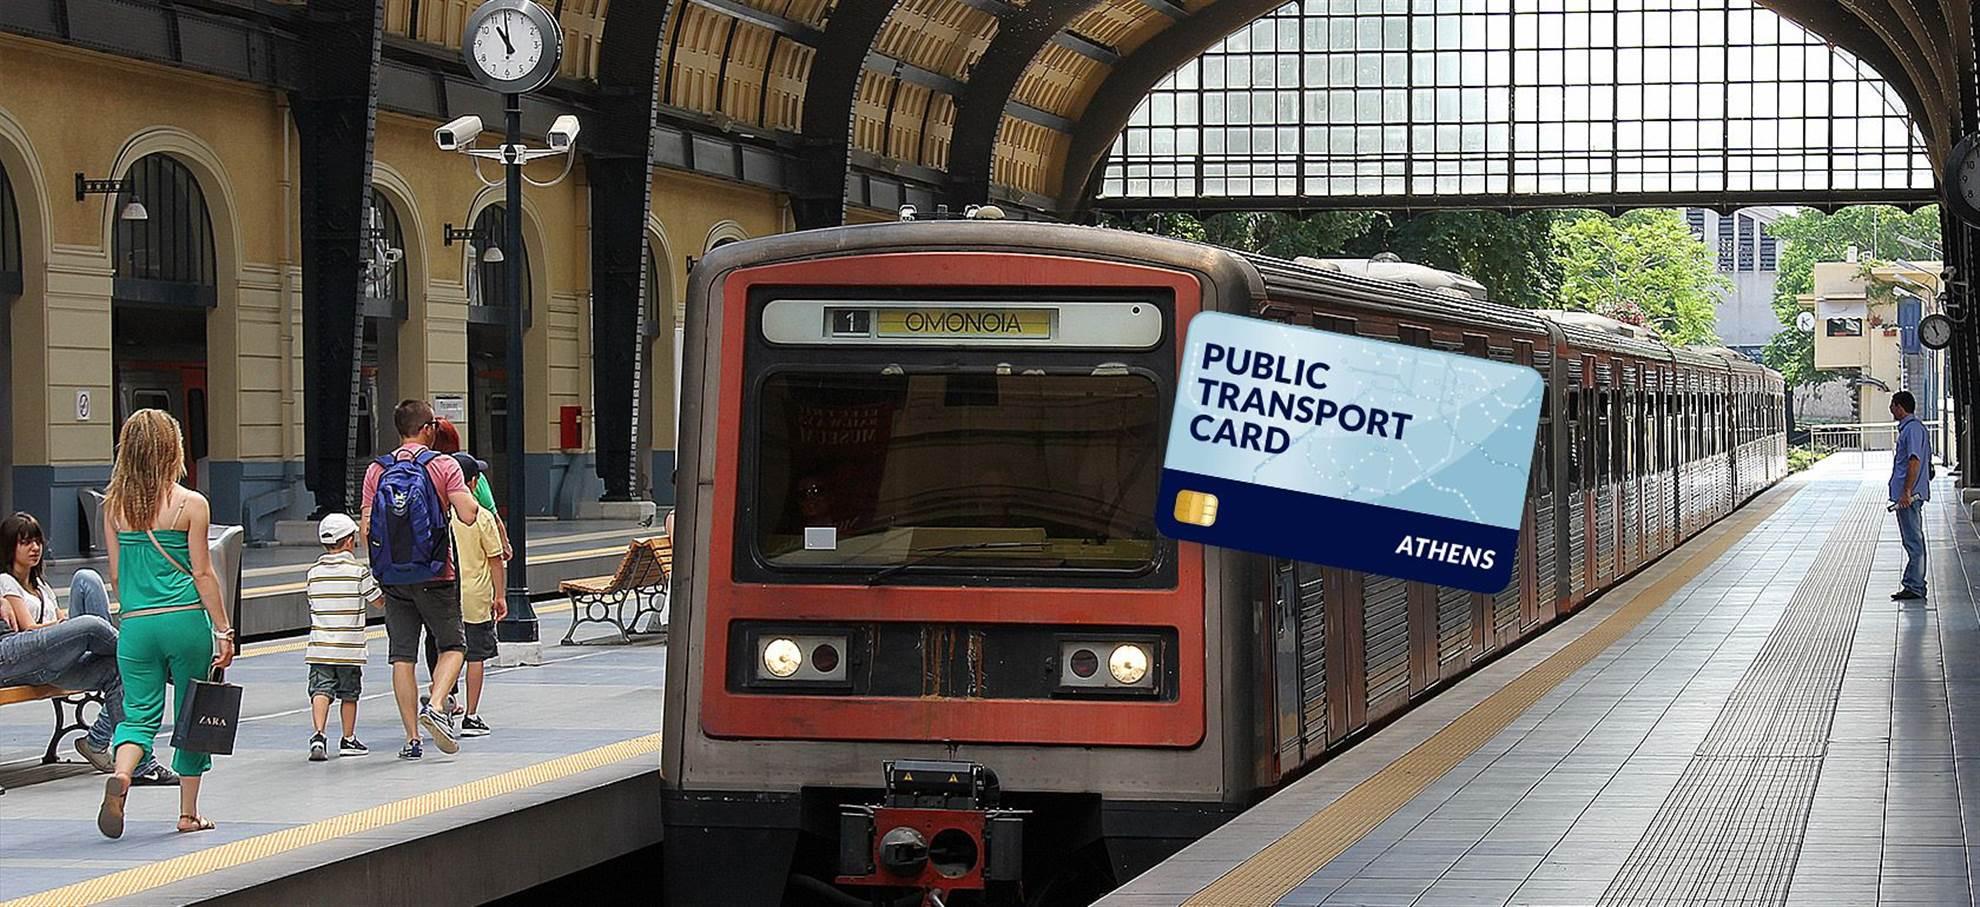 Atenas Travel Card